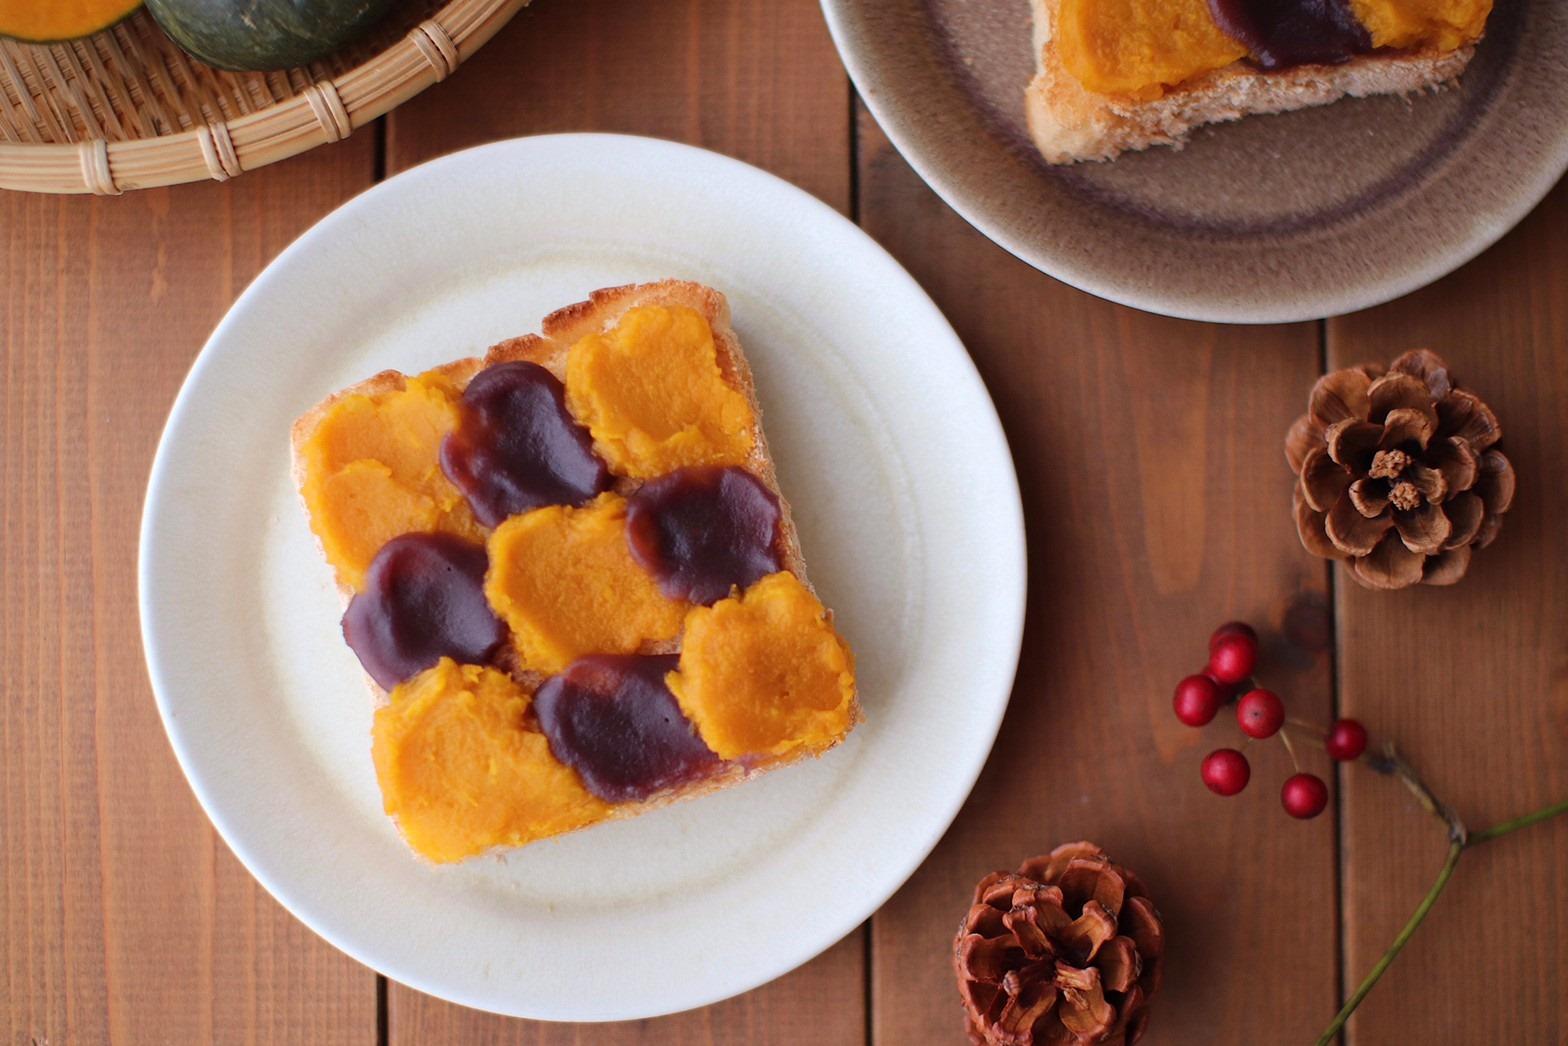 冬至に食べたい『かぼちゃのいとこ煮風ウェーブトースト』